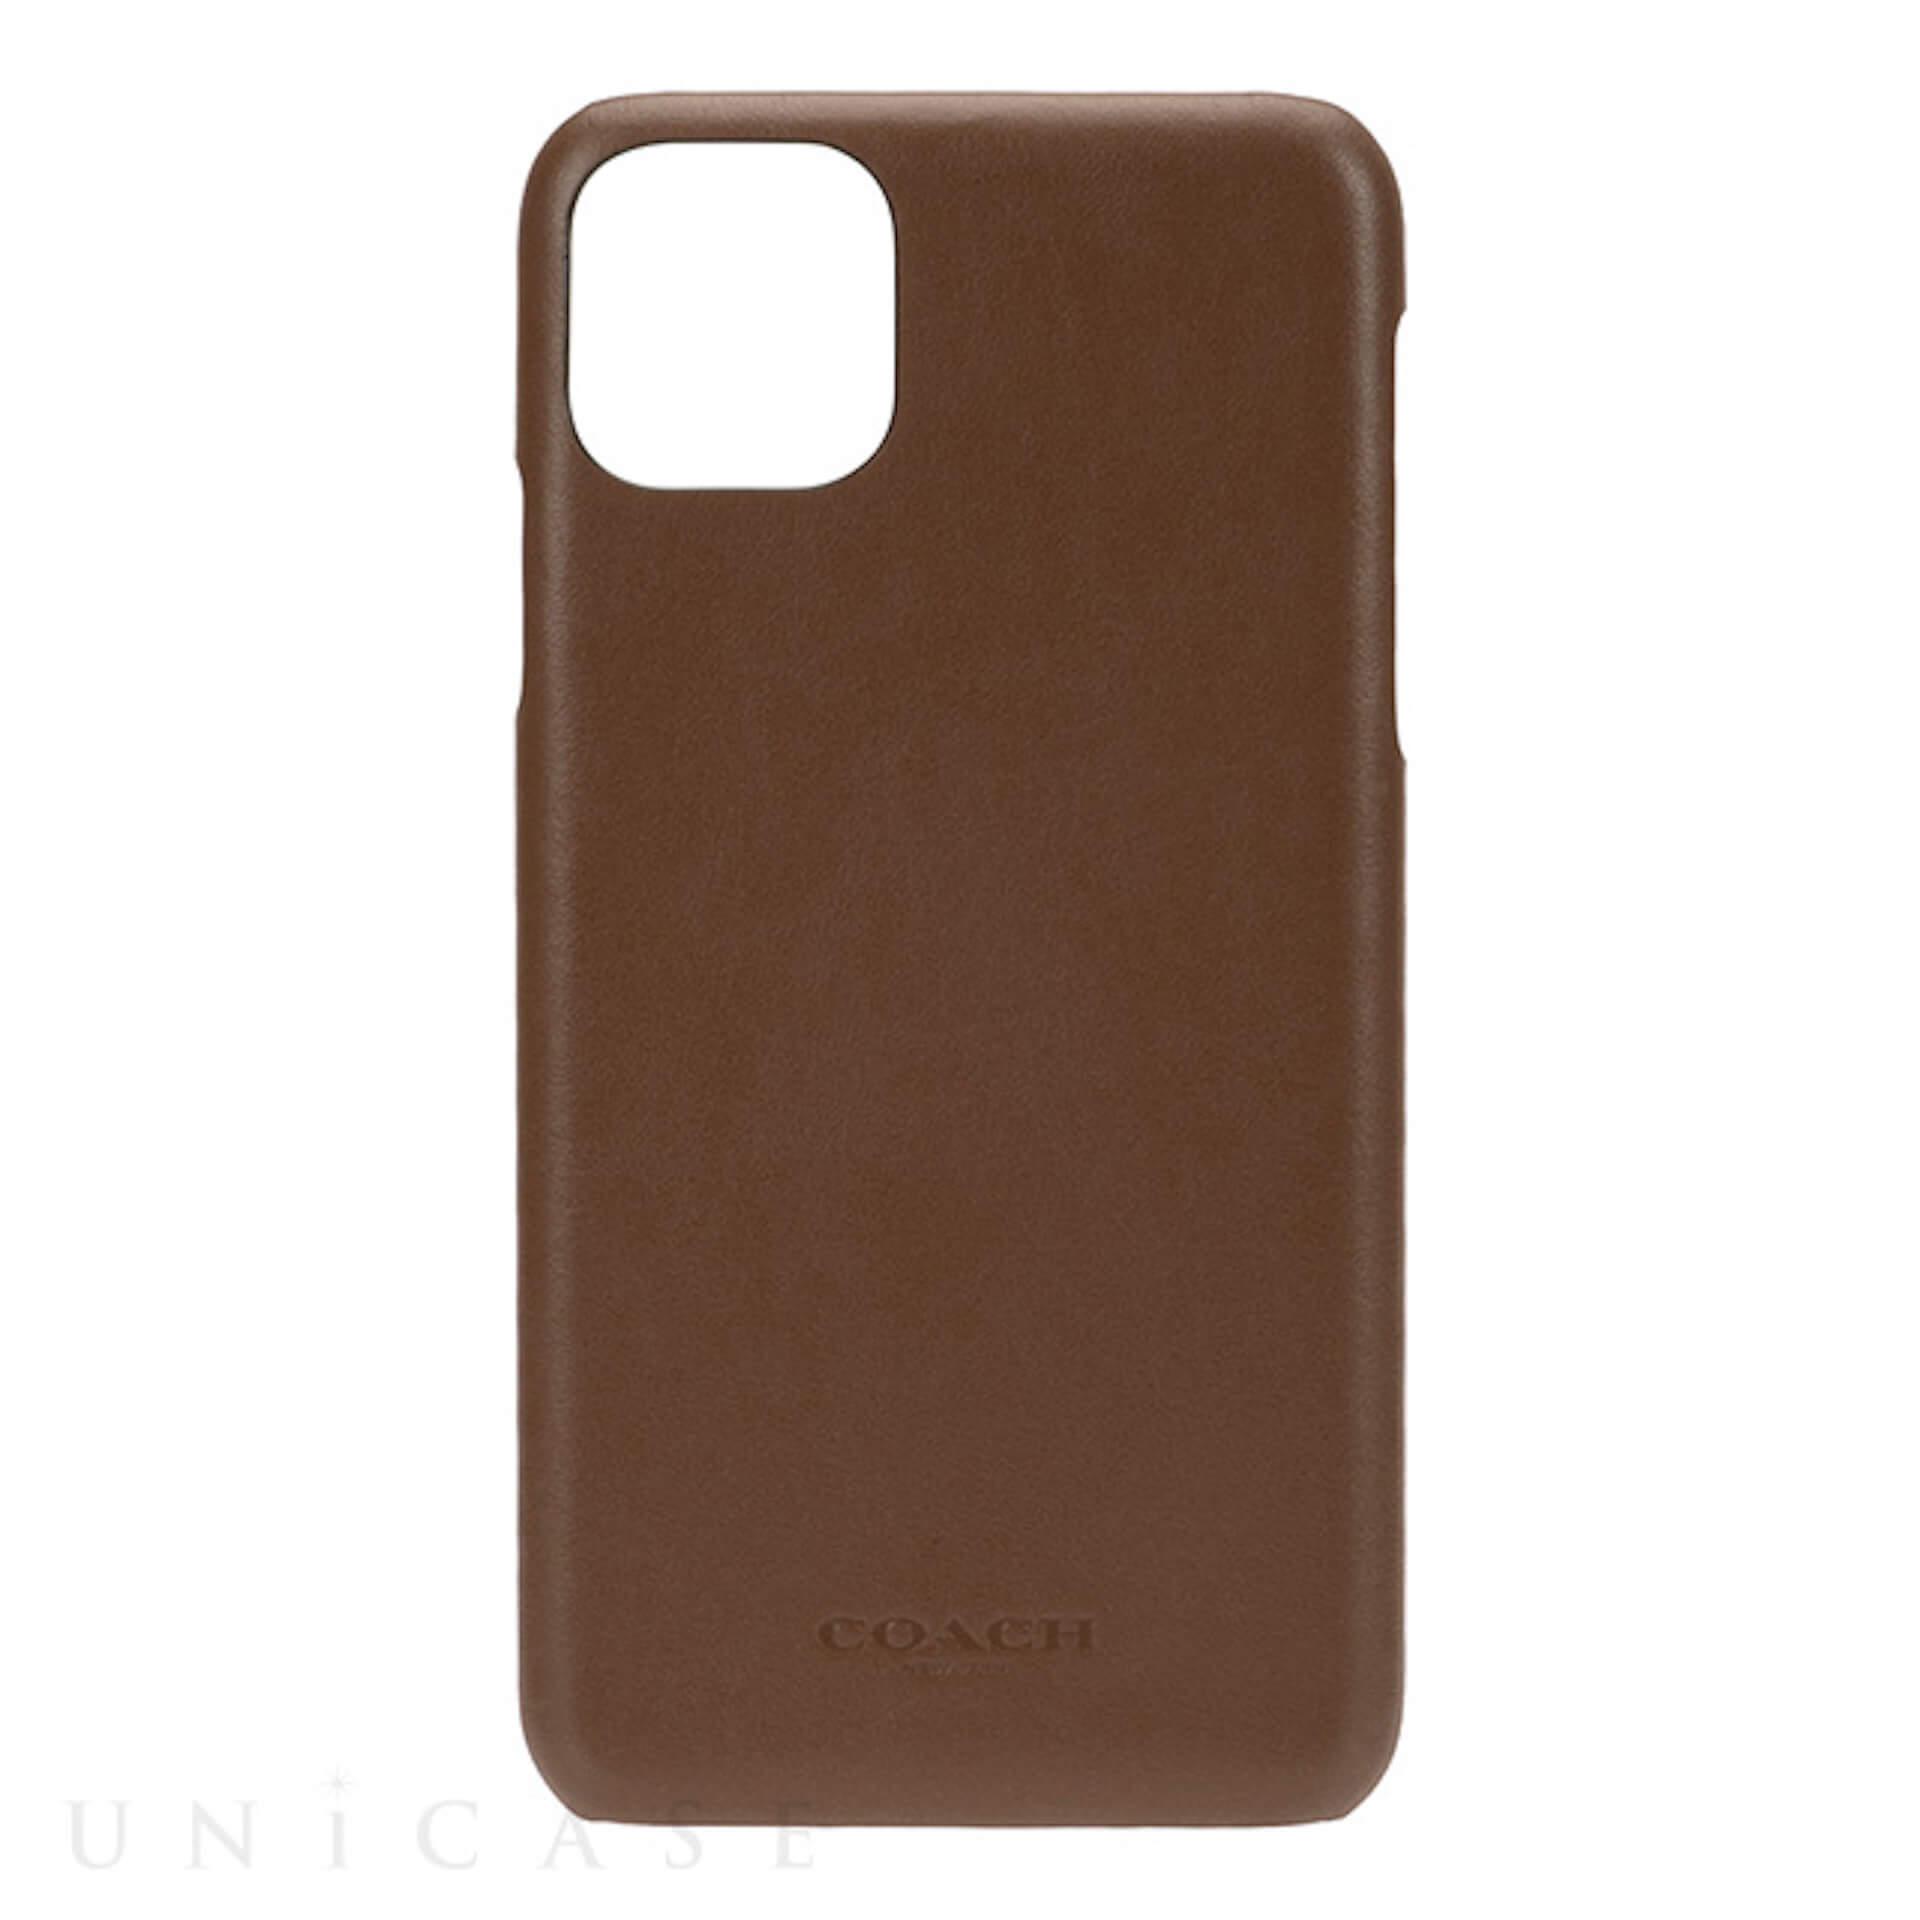 早くもiPhone 11 Pro&Pro Max対応のケースがUNiCASEから登場! tech190911iphone-unicase_7